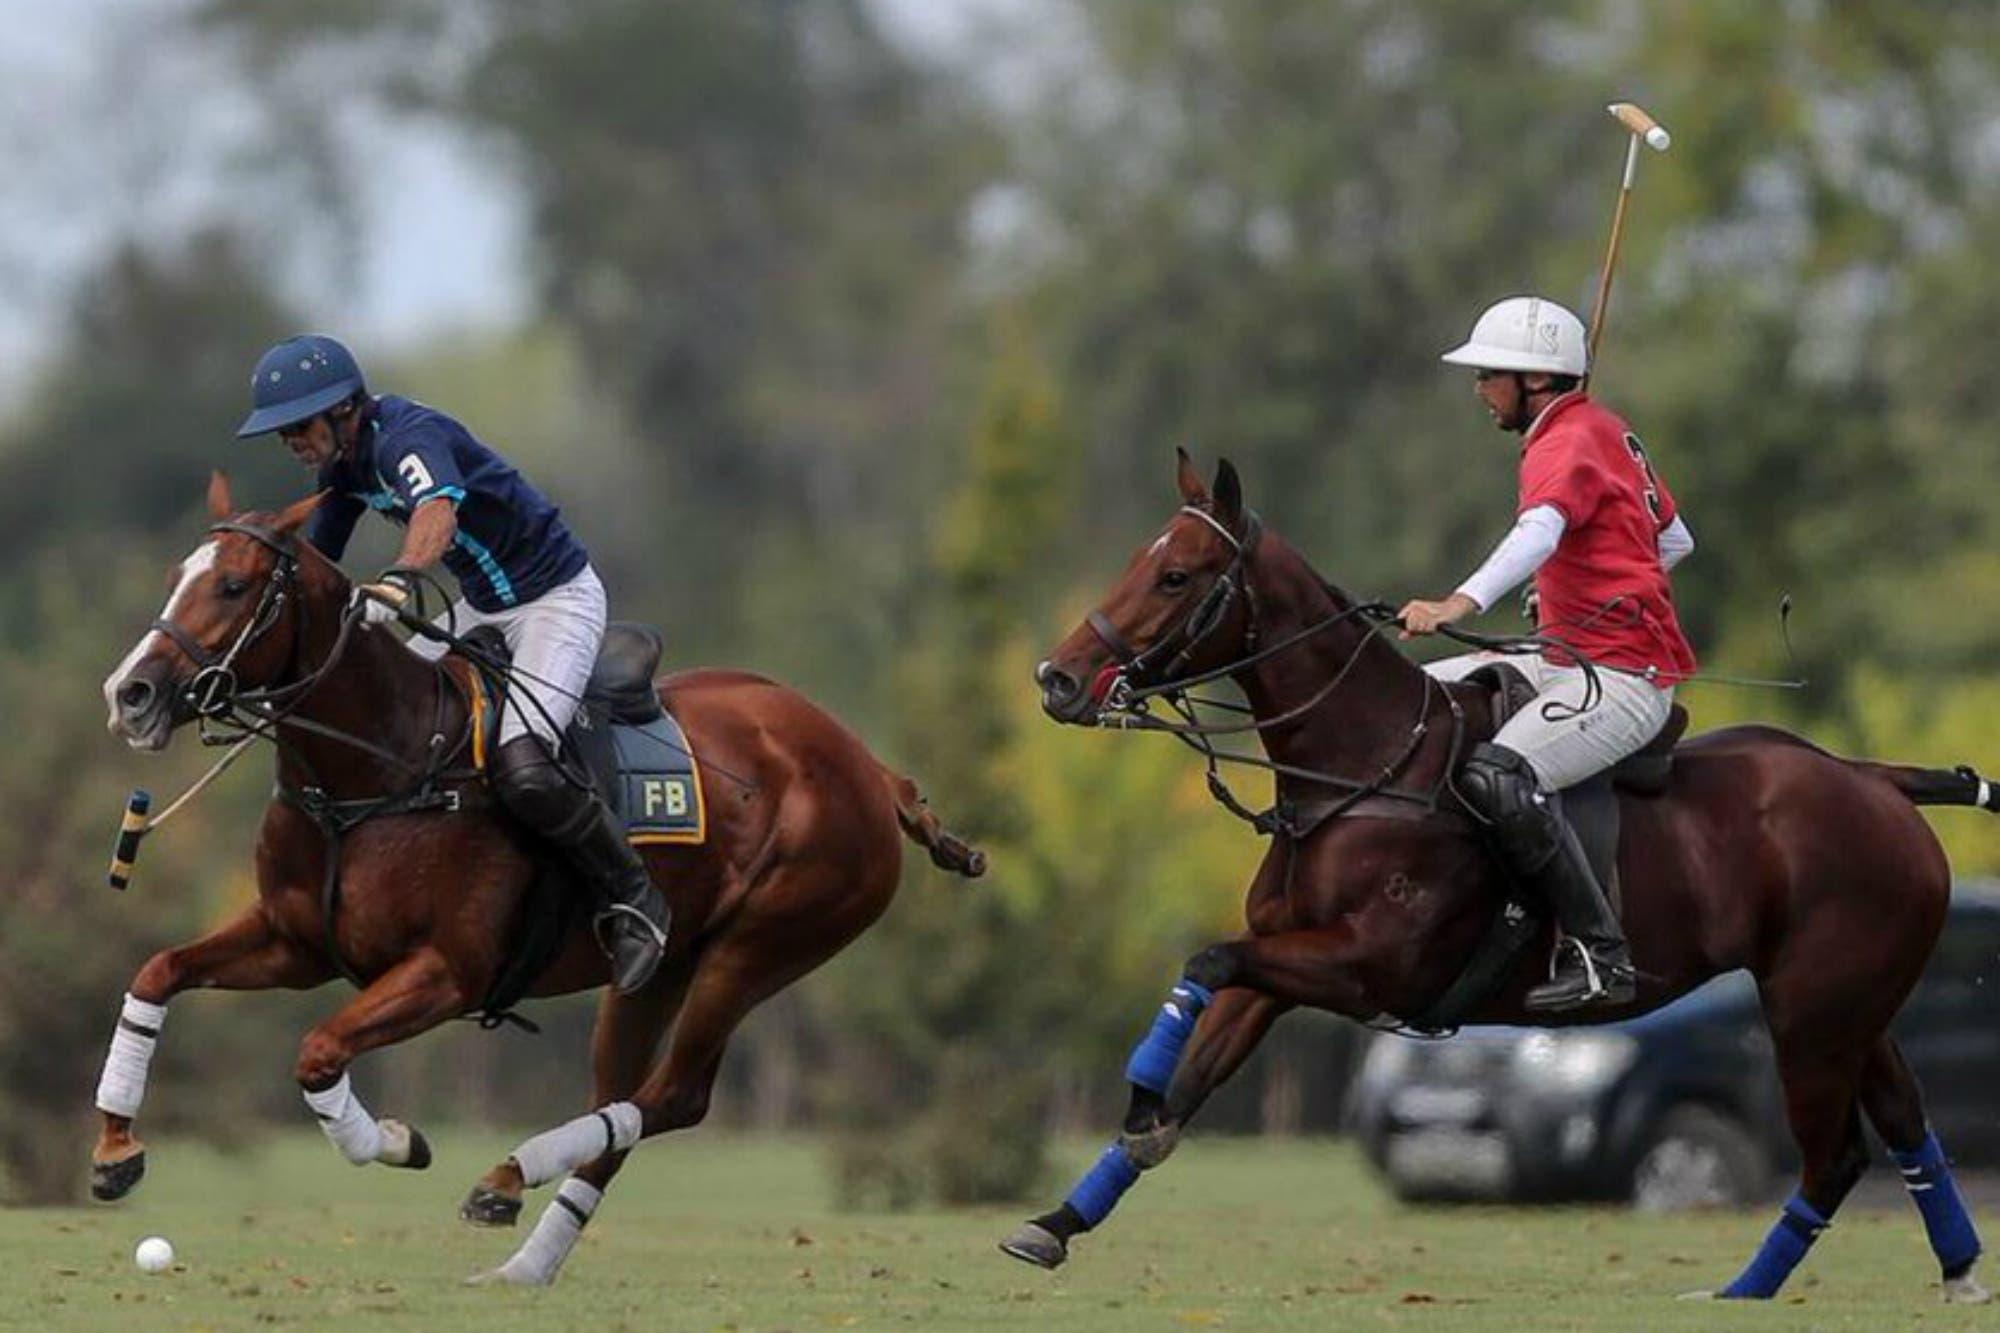 Los hijos de Lolo Castagnola y sobrinos de Adolfo Cambiaso van por otro título en un tradicional torneo de polo